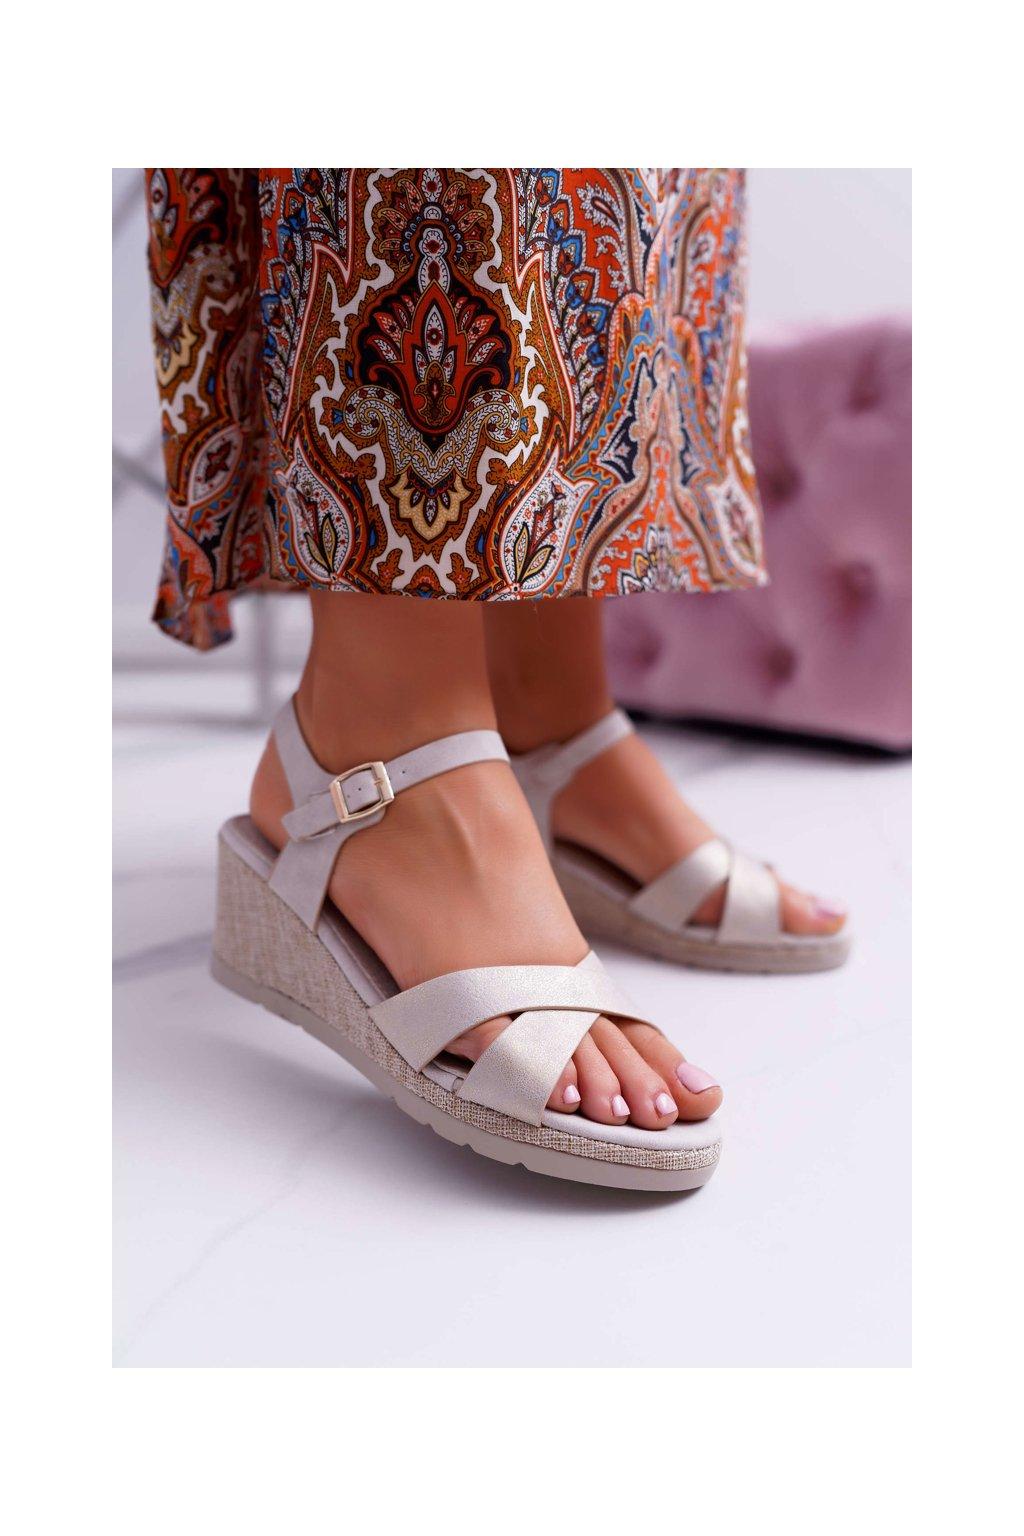 Dámske Sandále na klíne elegantné Béžové Midney